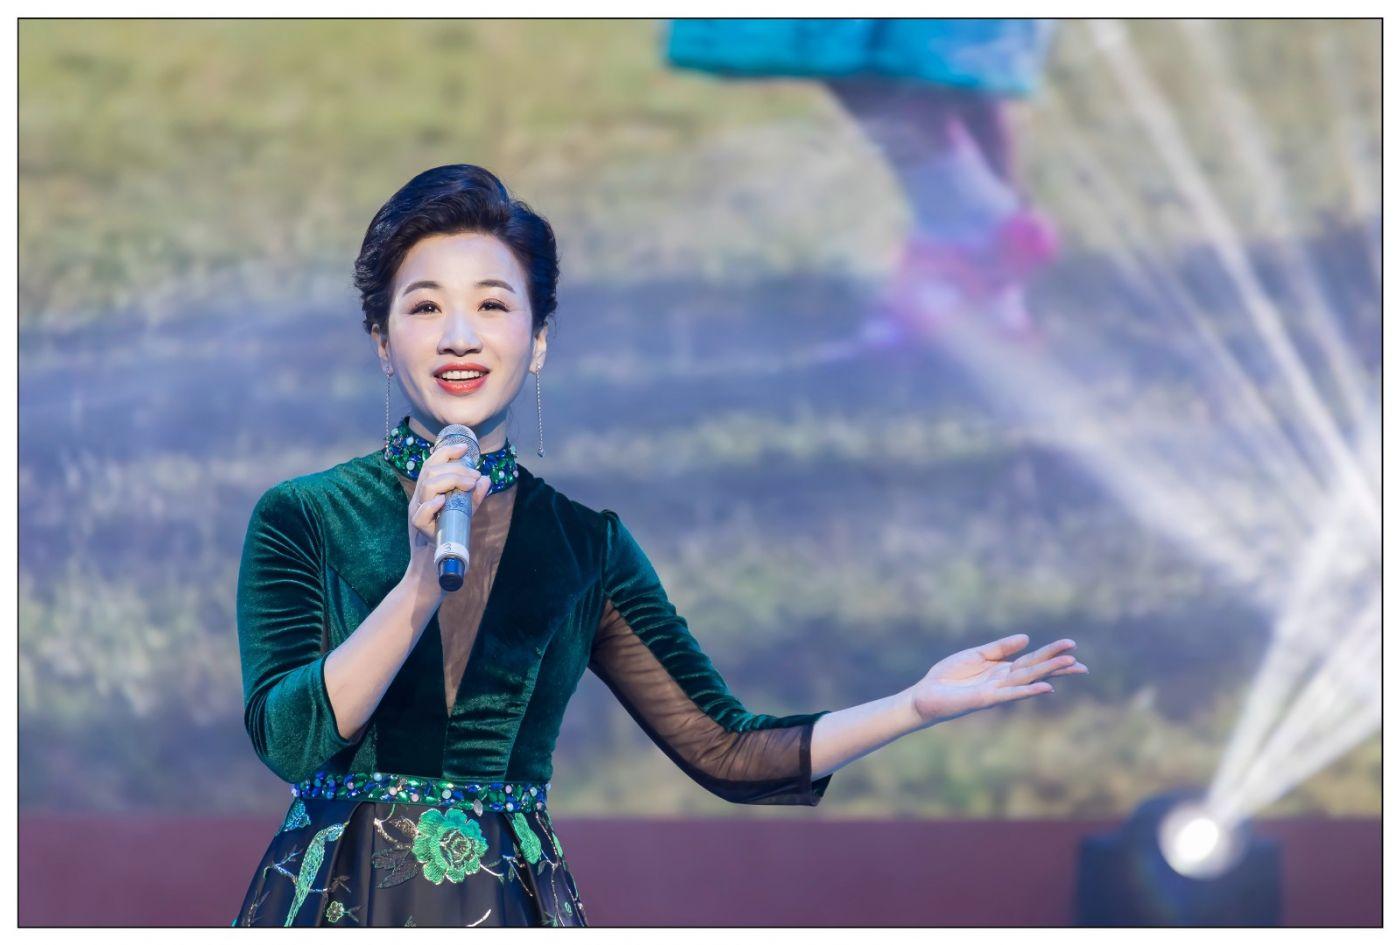 又见星光大道冠军歌手张海军 1月26央视播出 将自己唱哭的歌手 ..._图1-9